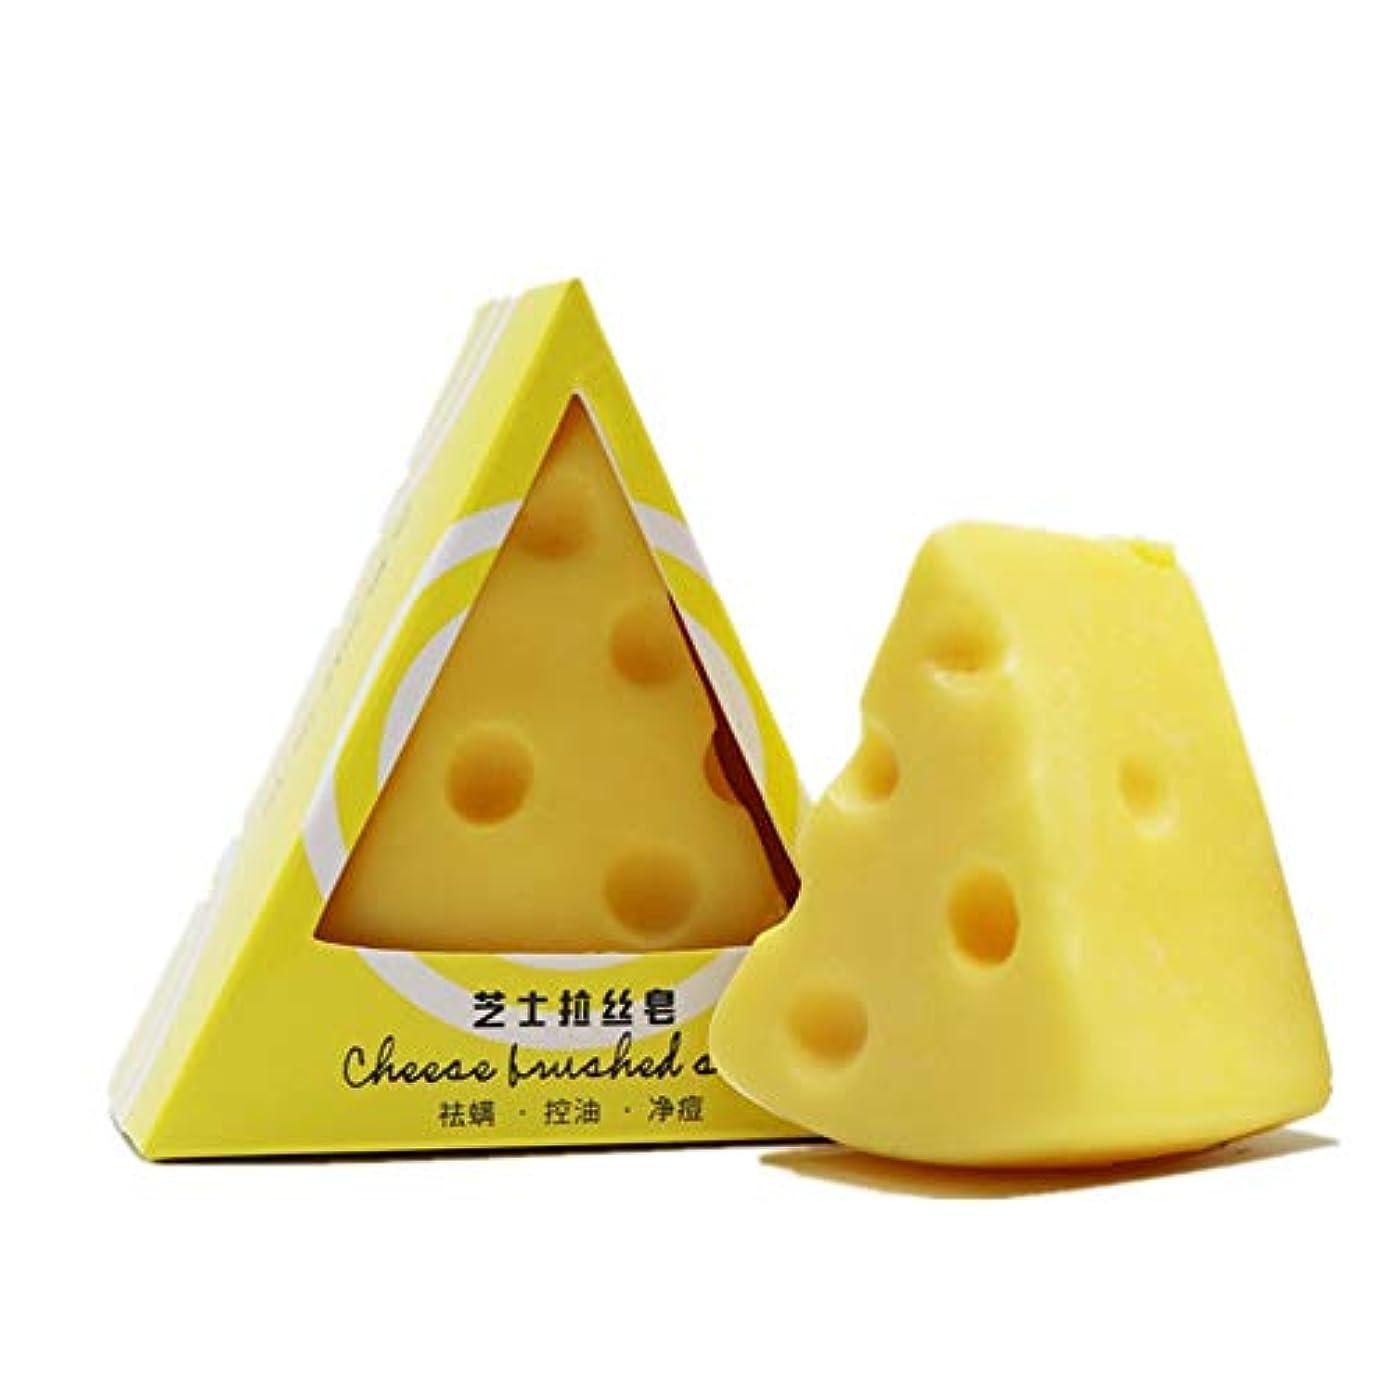 海賊ドラフト分割KISSION ボディソープ 起毛石鹸 ボディクレンジング チーズソープ 手作り石鹸 保湿オイル制御 防ダニ にきび対策 フェイシャルソープ